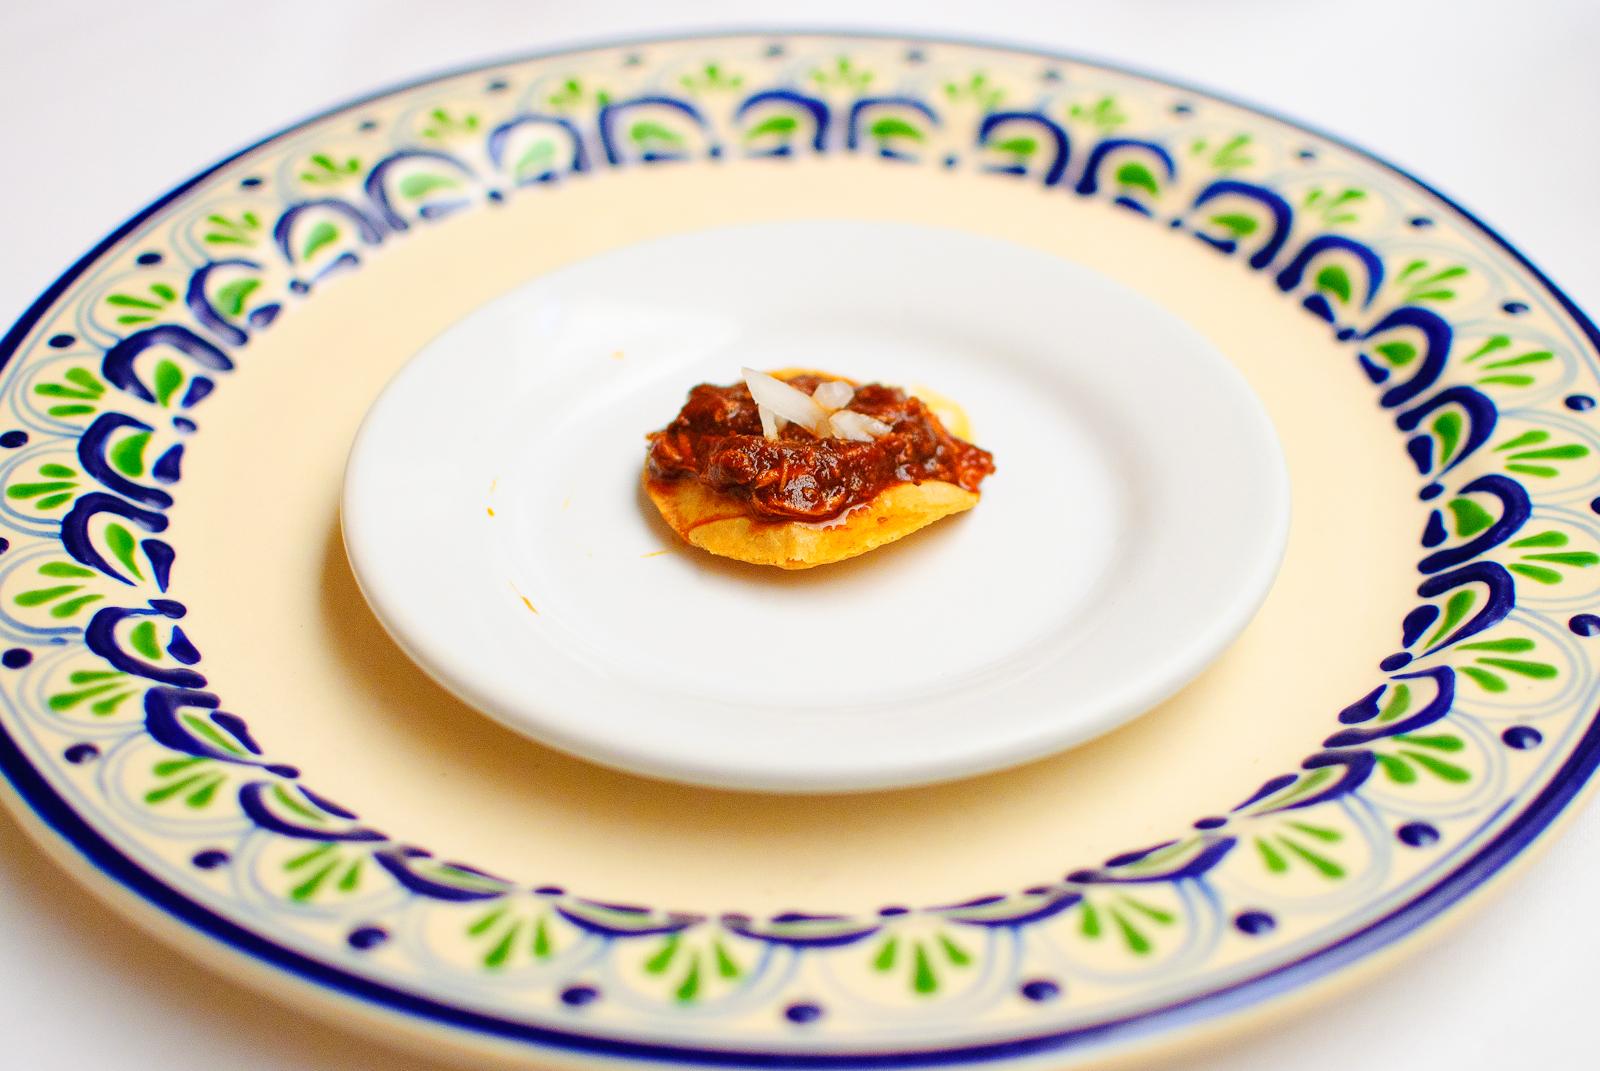 Tostadita de tinga (small stewed lamb tostada)